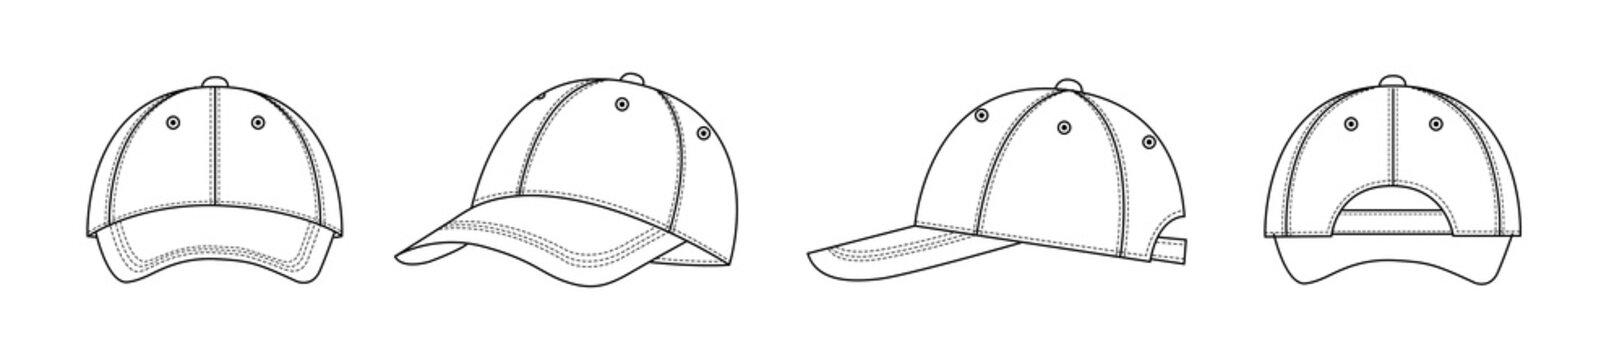 Front, back, side fashion illustration of baseball cap / hat